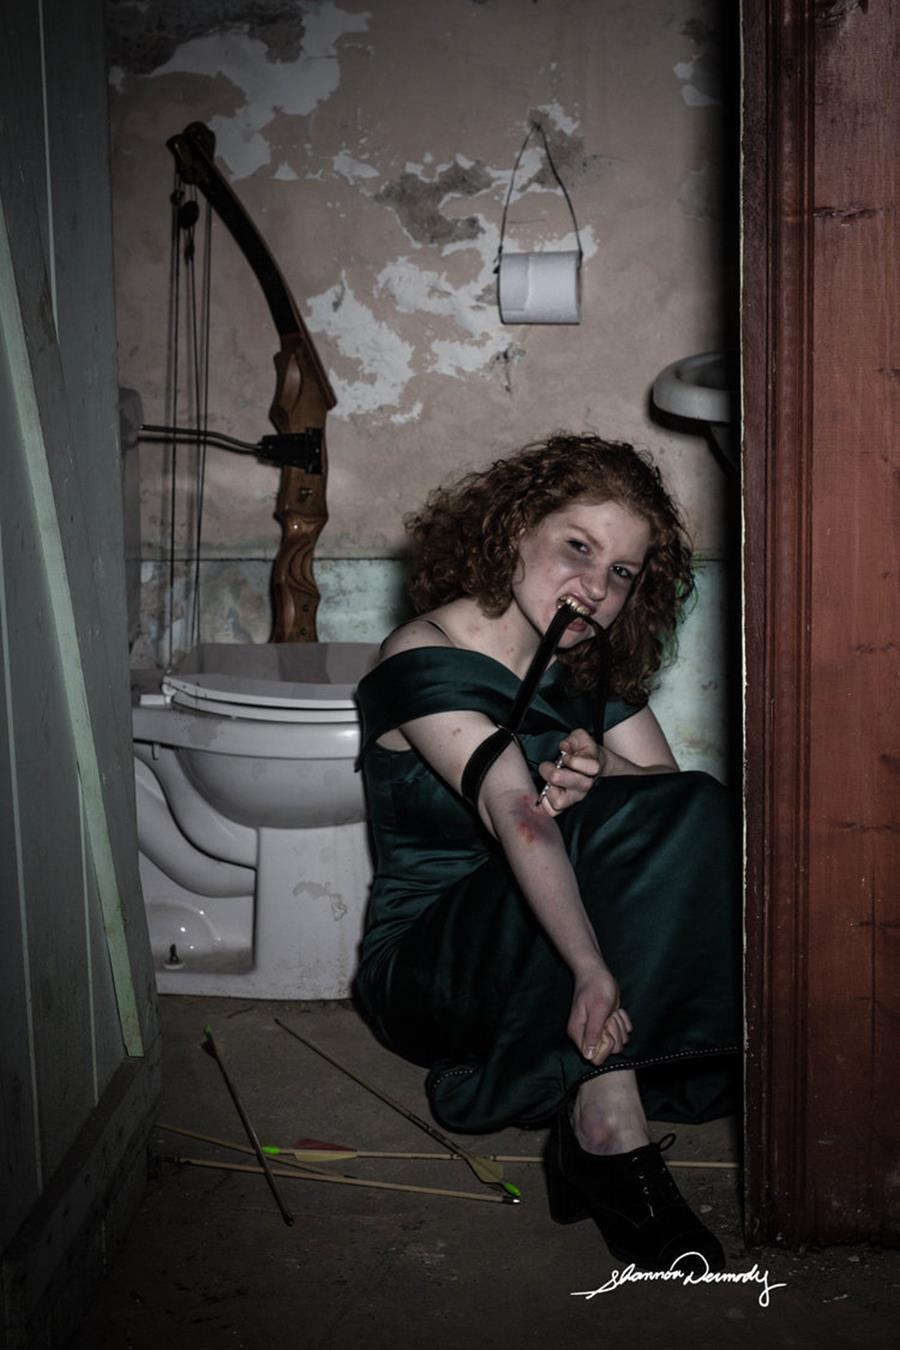 Shannon Dermody princesses Disney maux société Mérida drogue